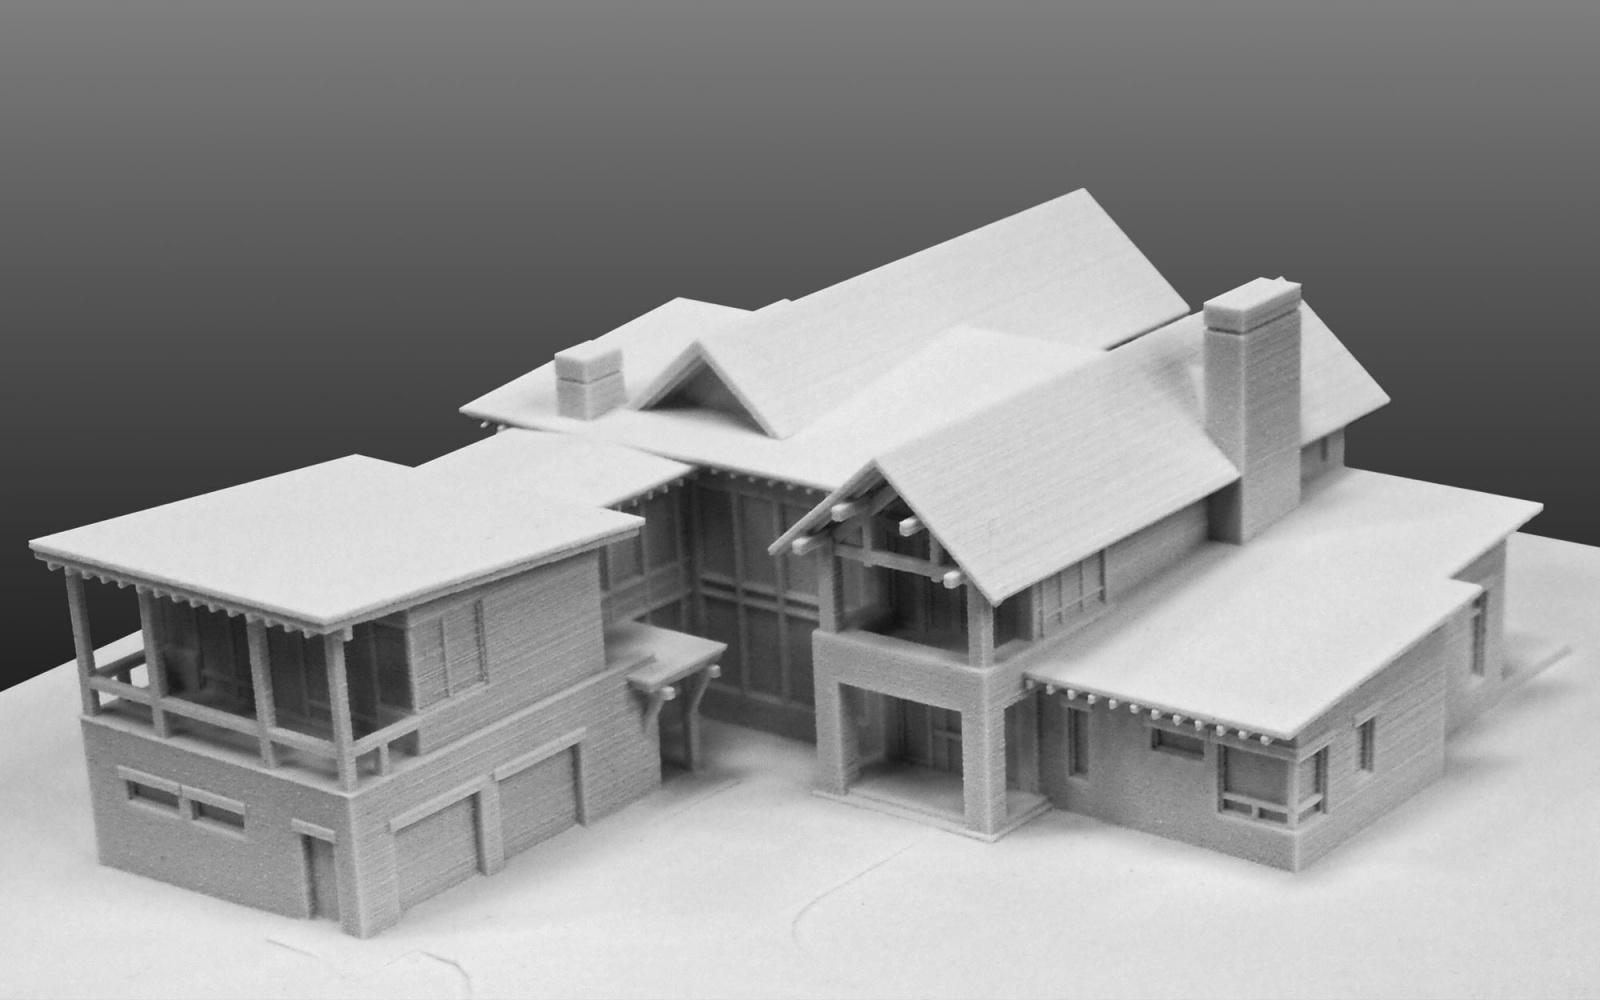 3d modeling - 3d Model Of House